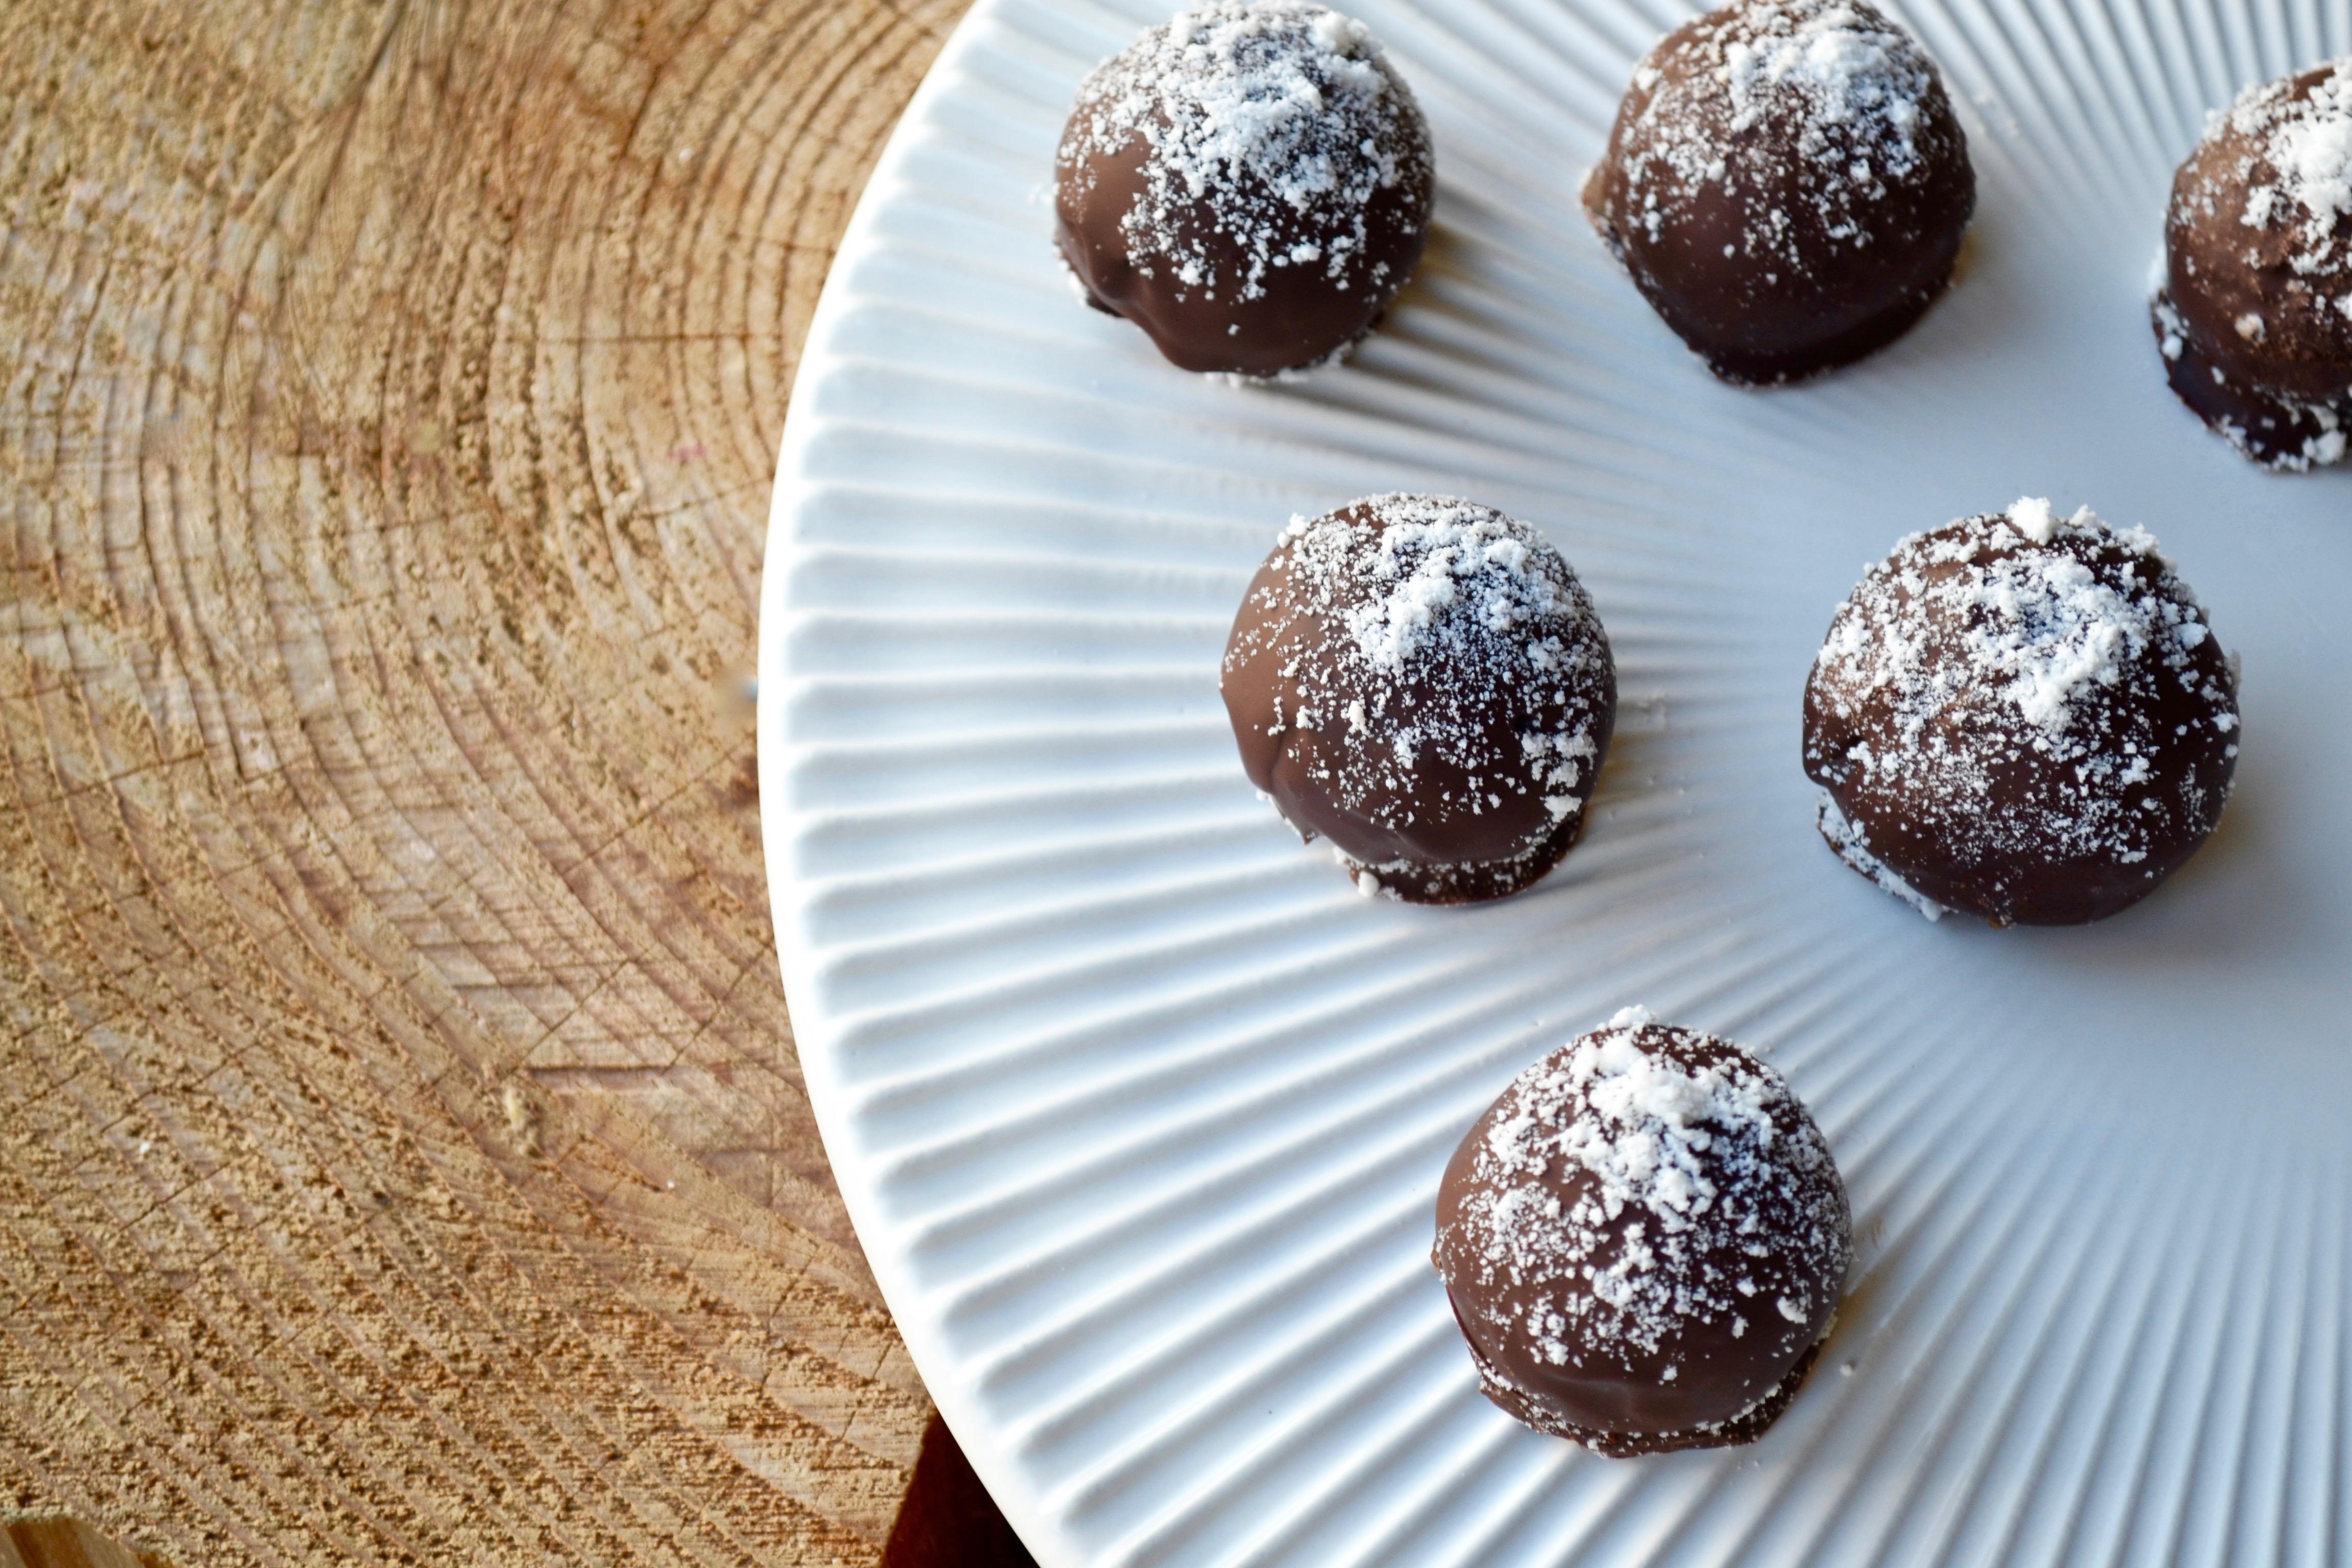 Kokoskarameller med chokolade